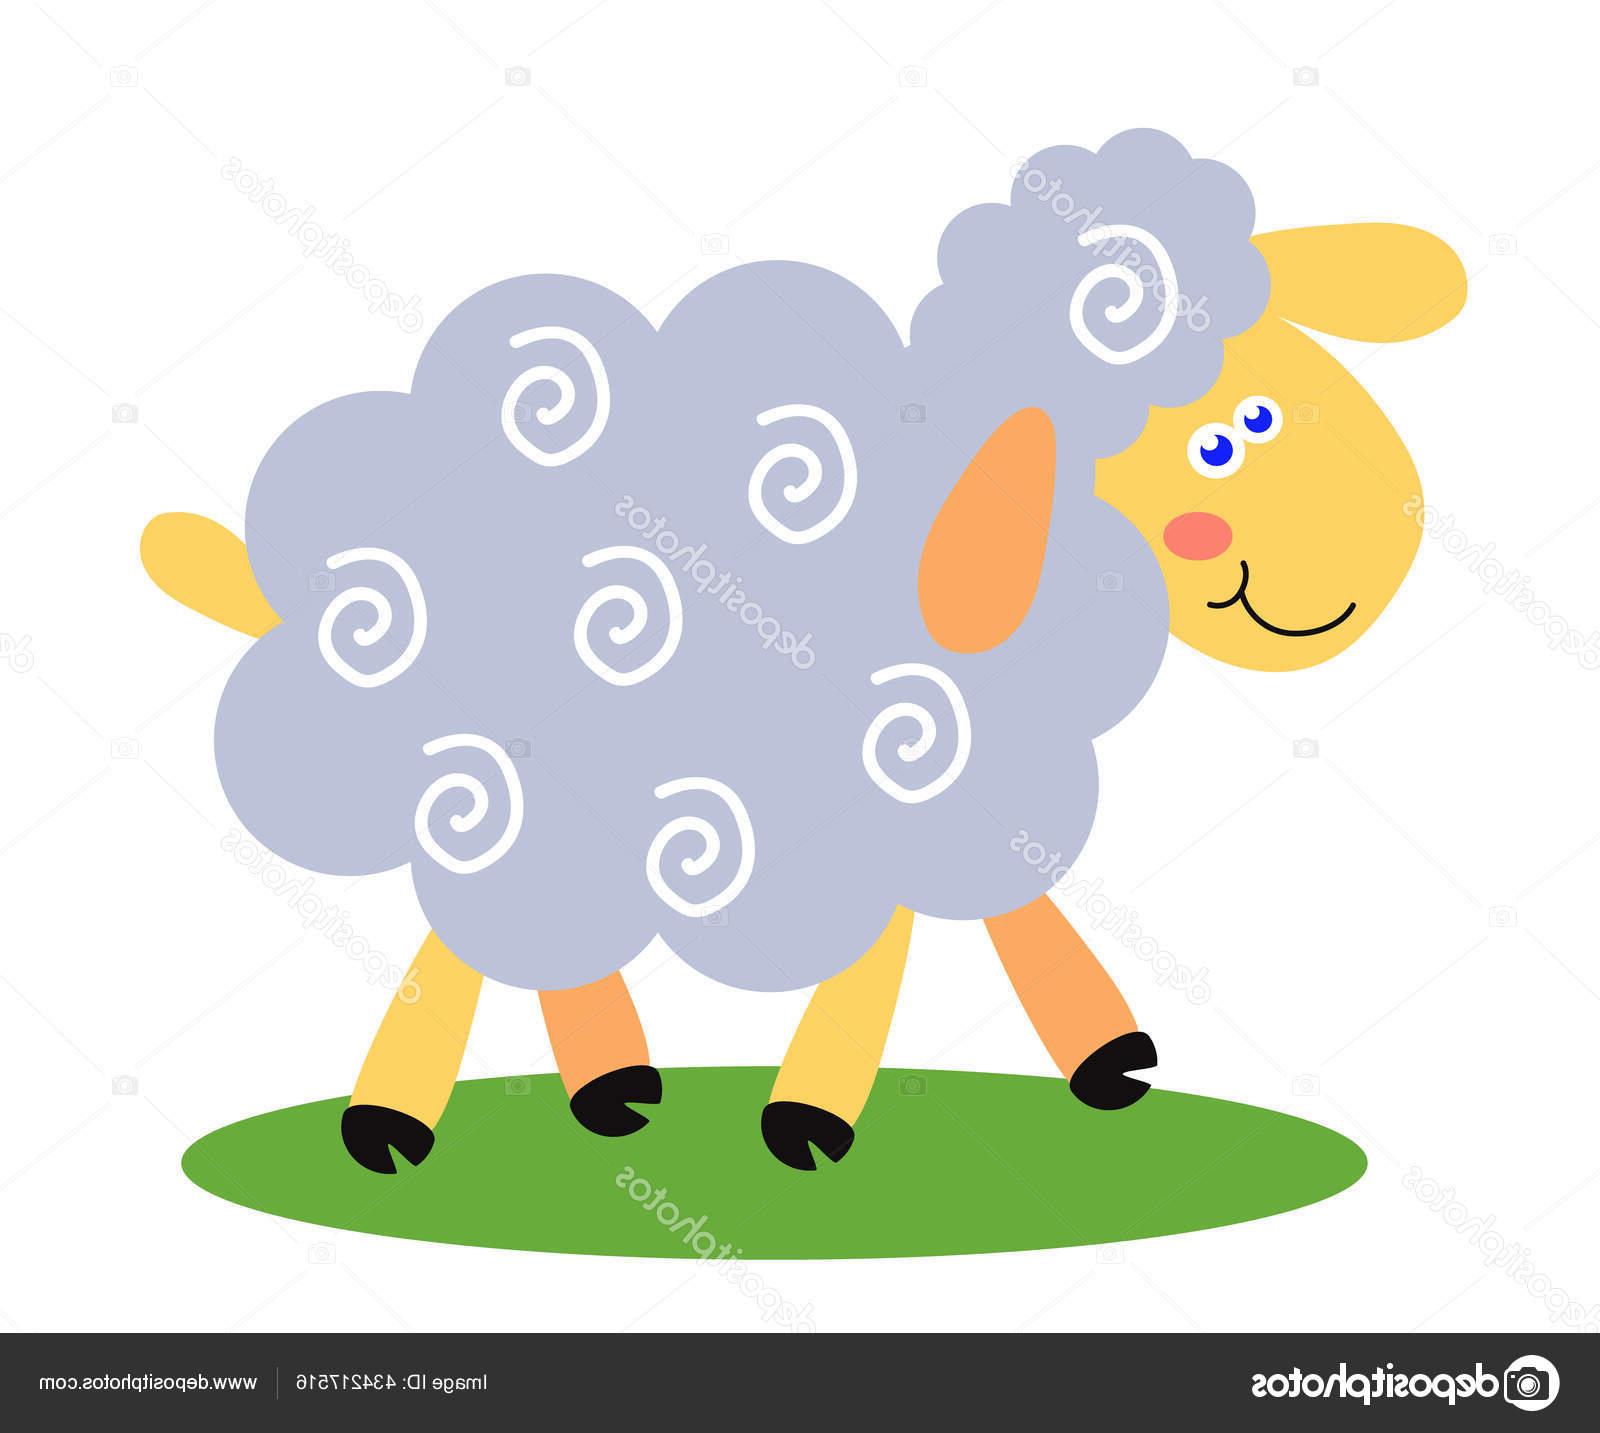 Domba Lucu Dengan Latar Belakang Putih Kartun Ilustrasi throughout Gambar Domba Lucu